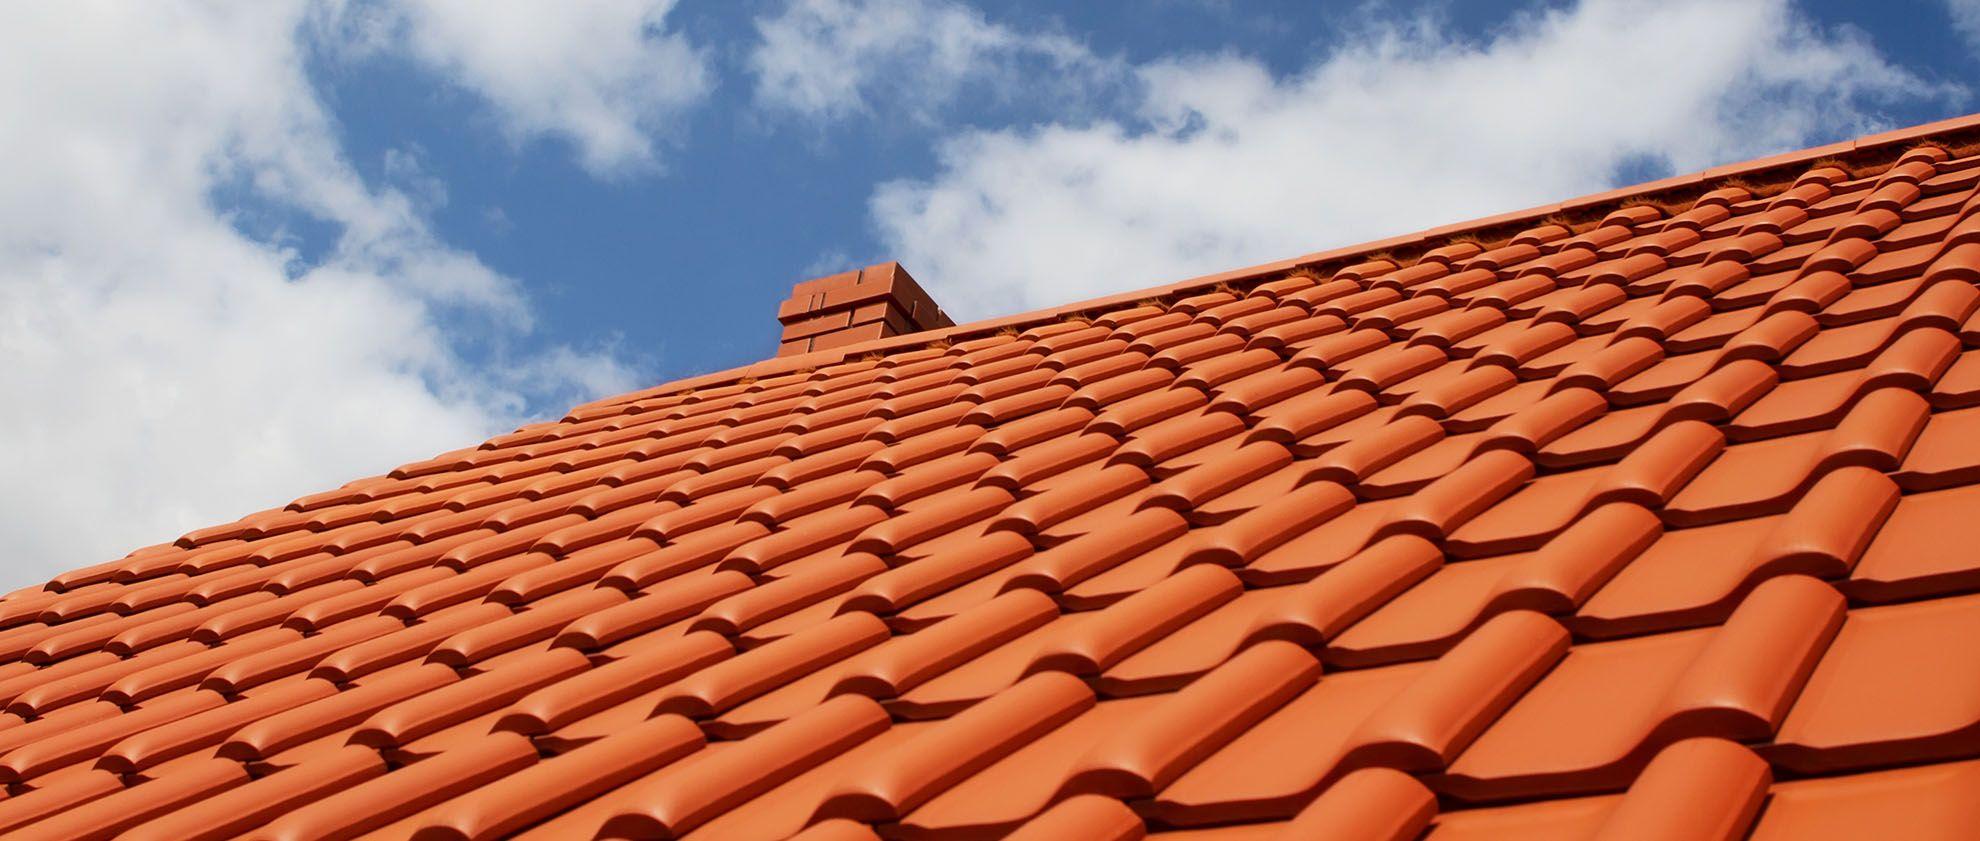 Spanish Tile Roof Repair and Maintenance